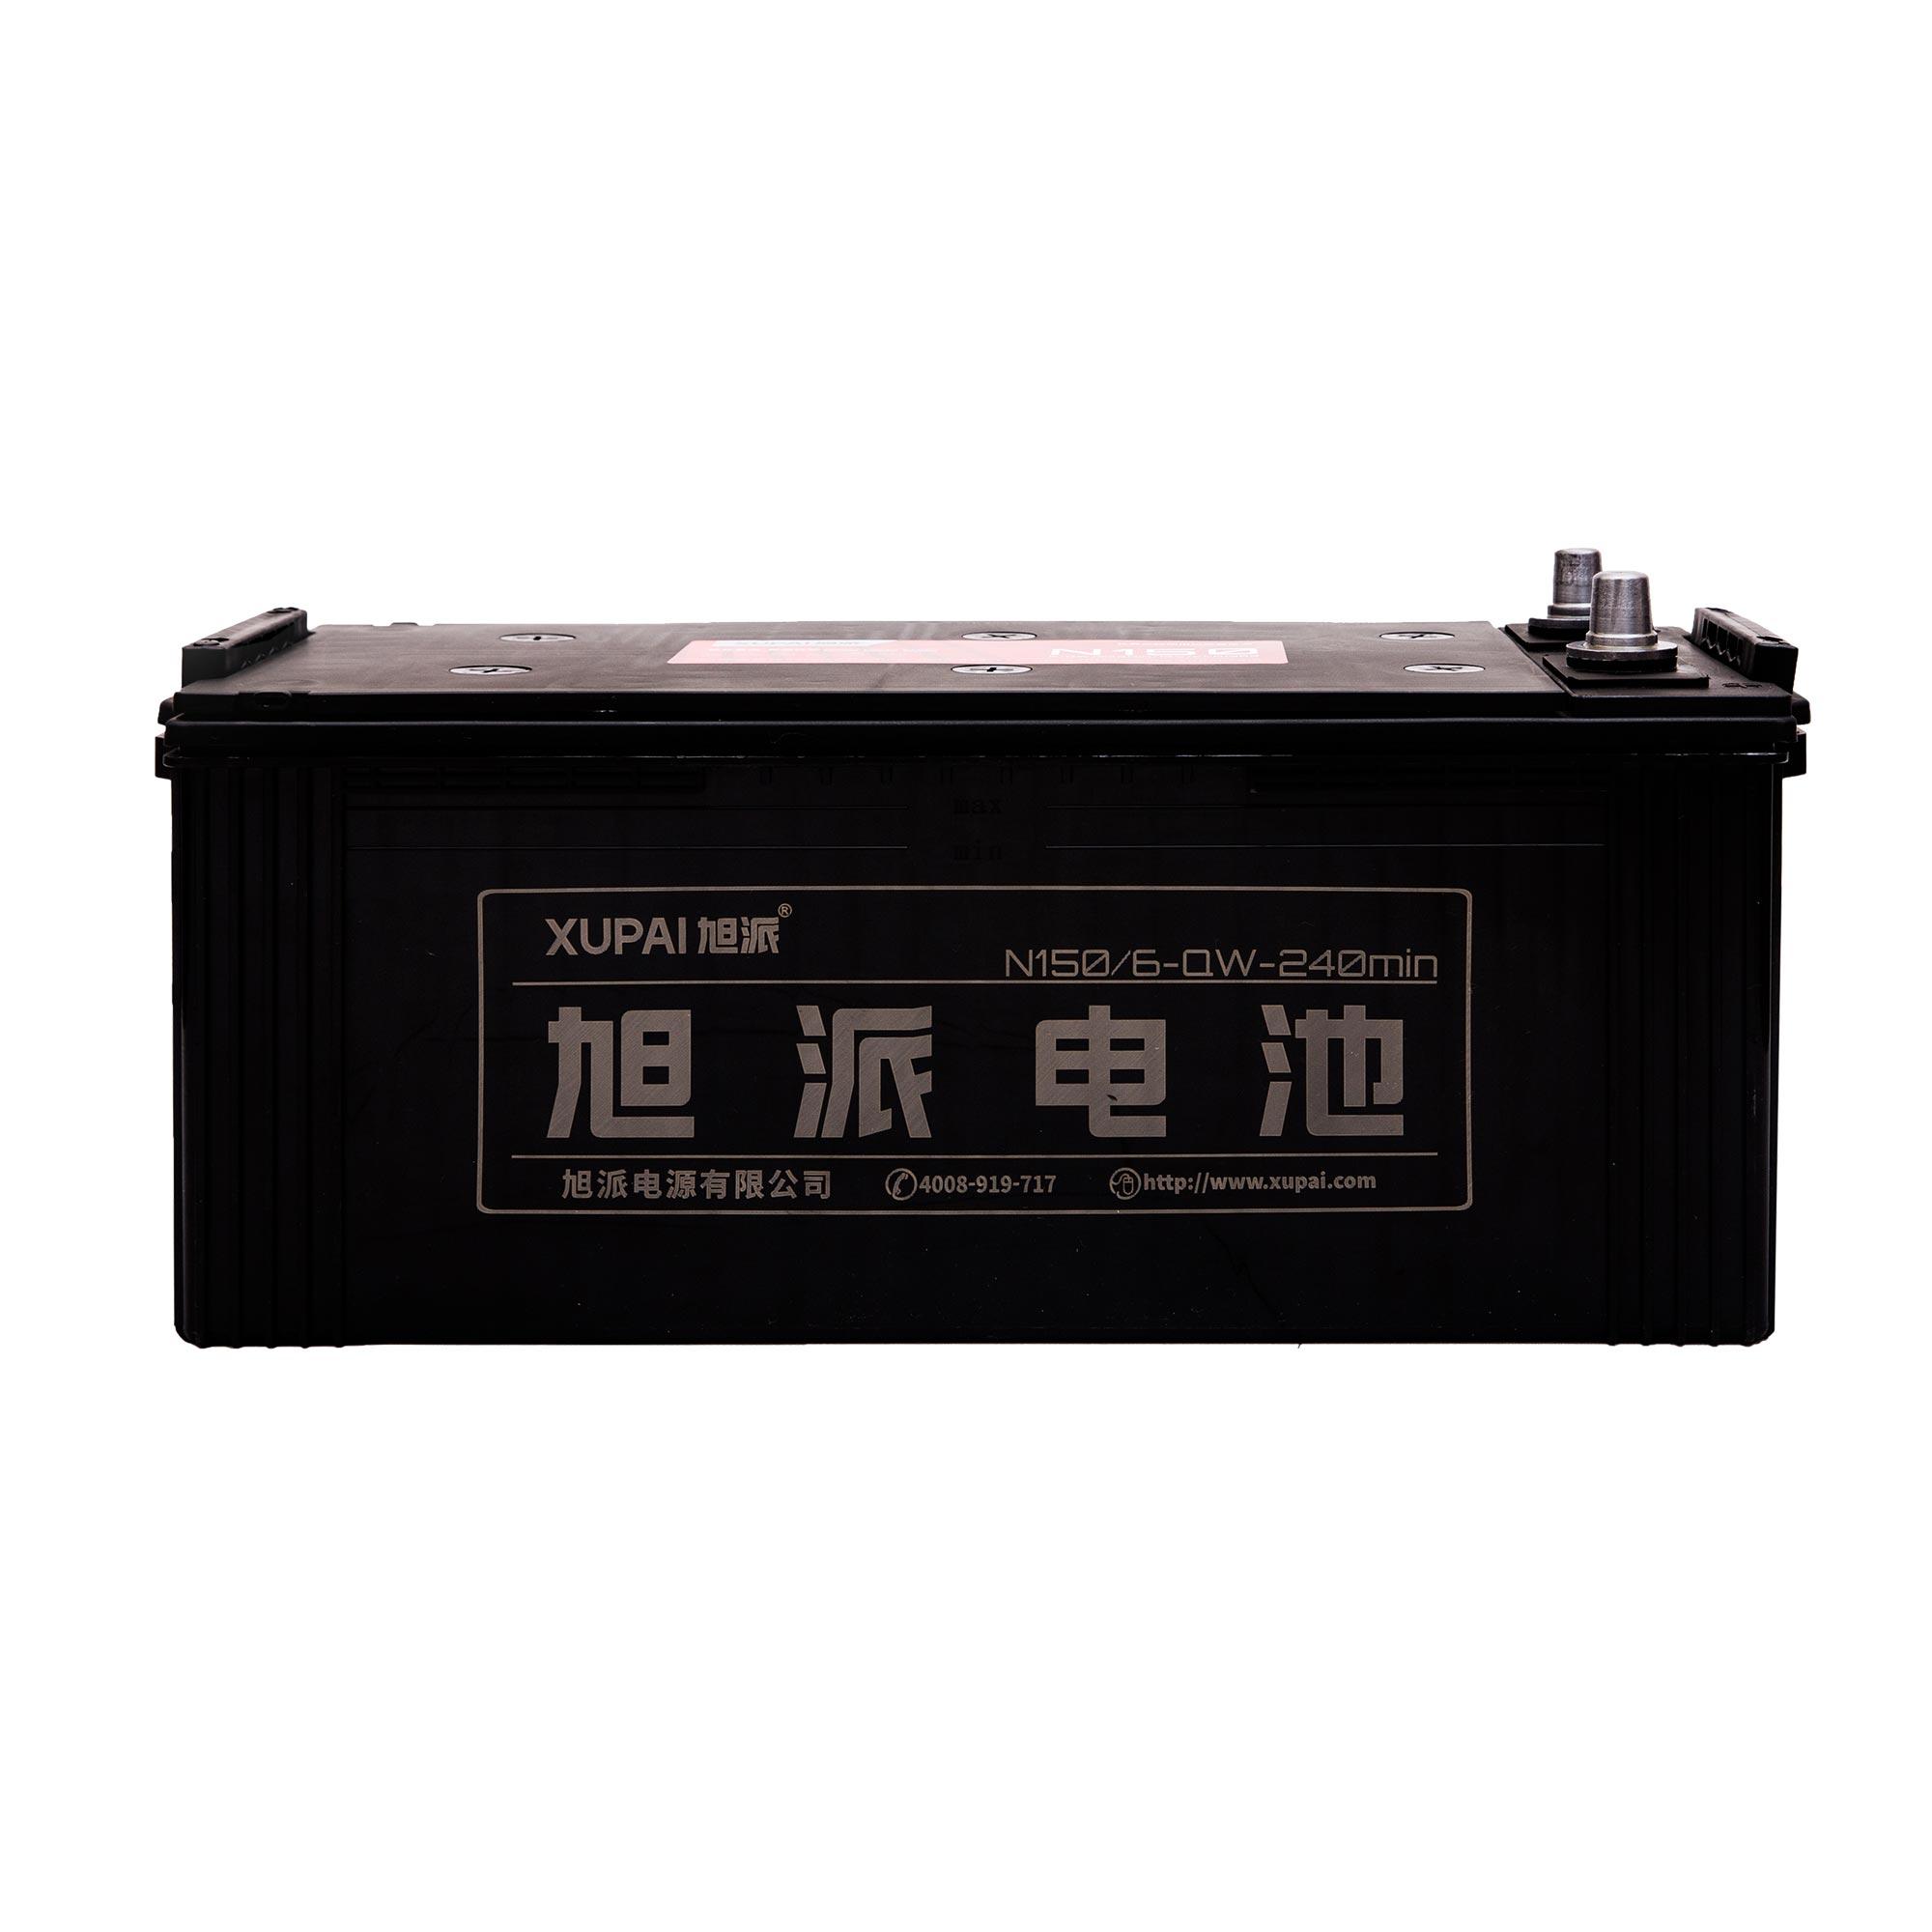 旭派6-QW-240MIN/N150长寿命汽车起动电池